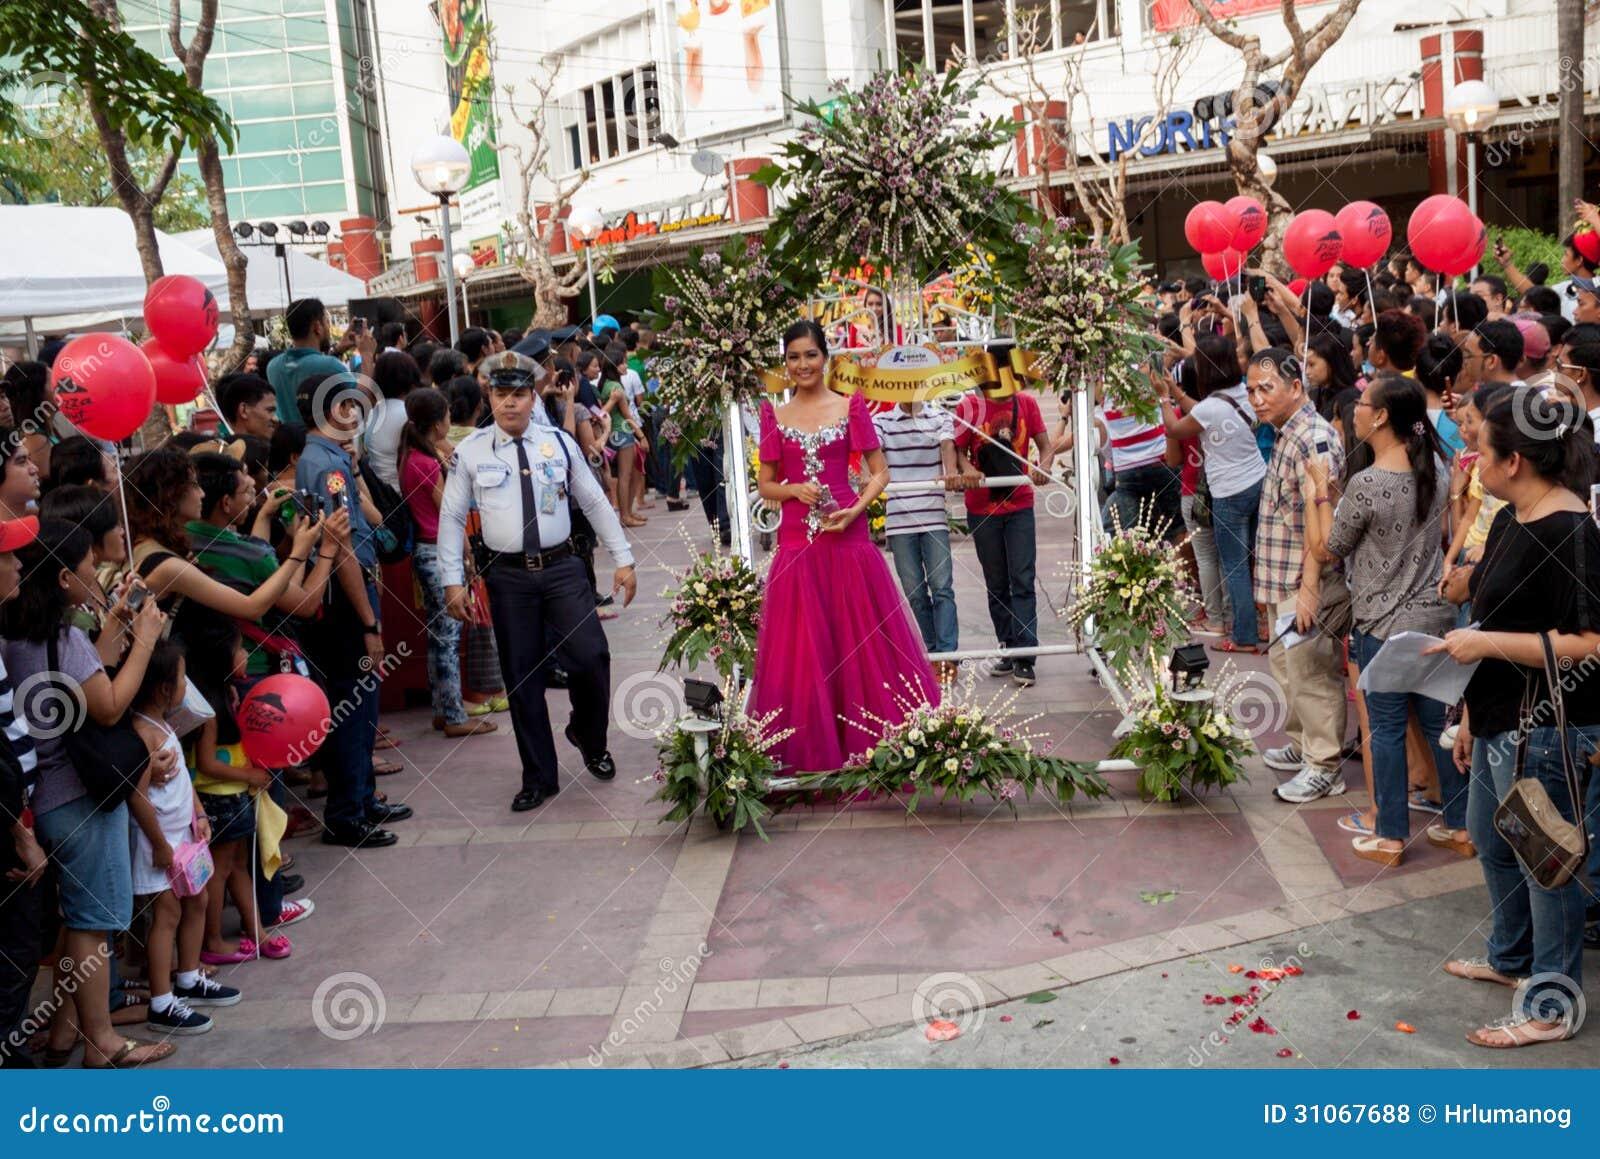 Η Δεσποινίς Philippines, Binibining Pilipinas ενώνει Santacruzan στη Μανίλα